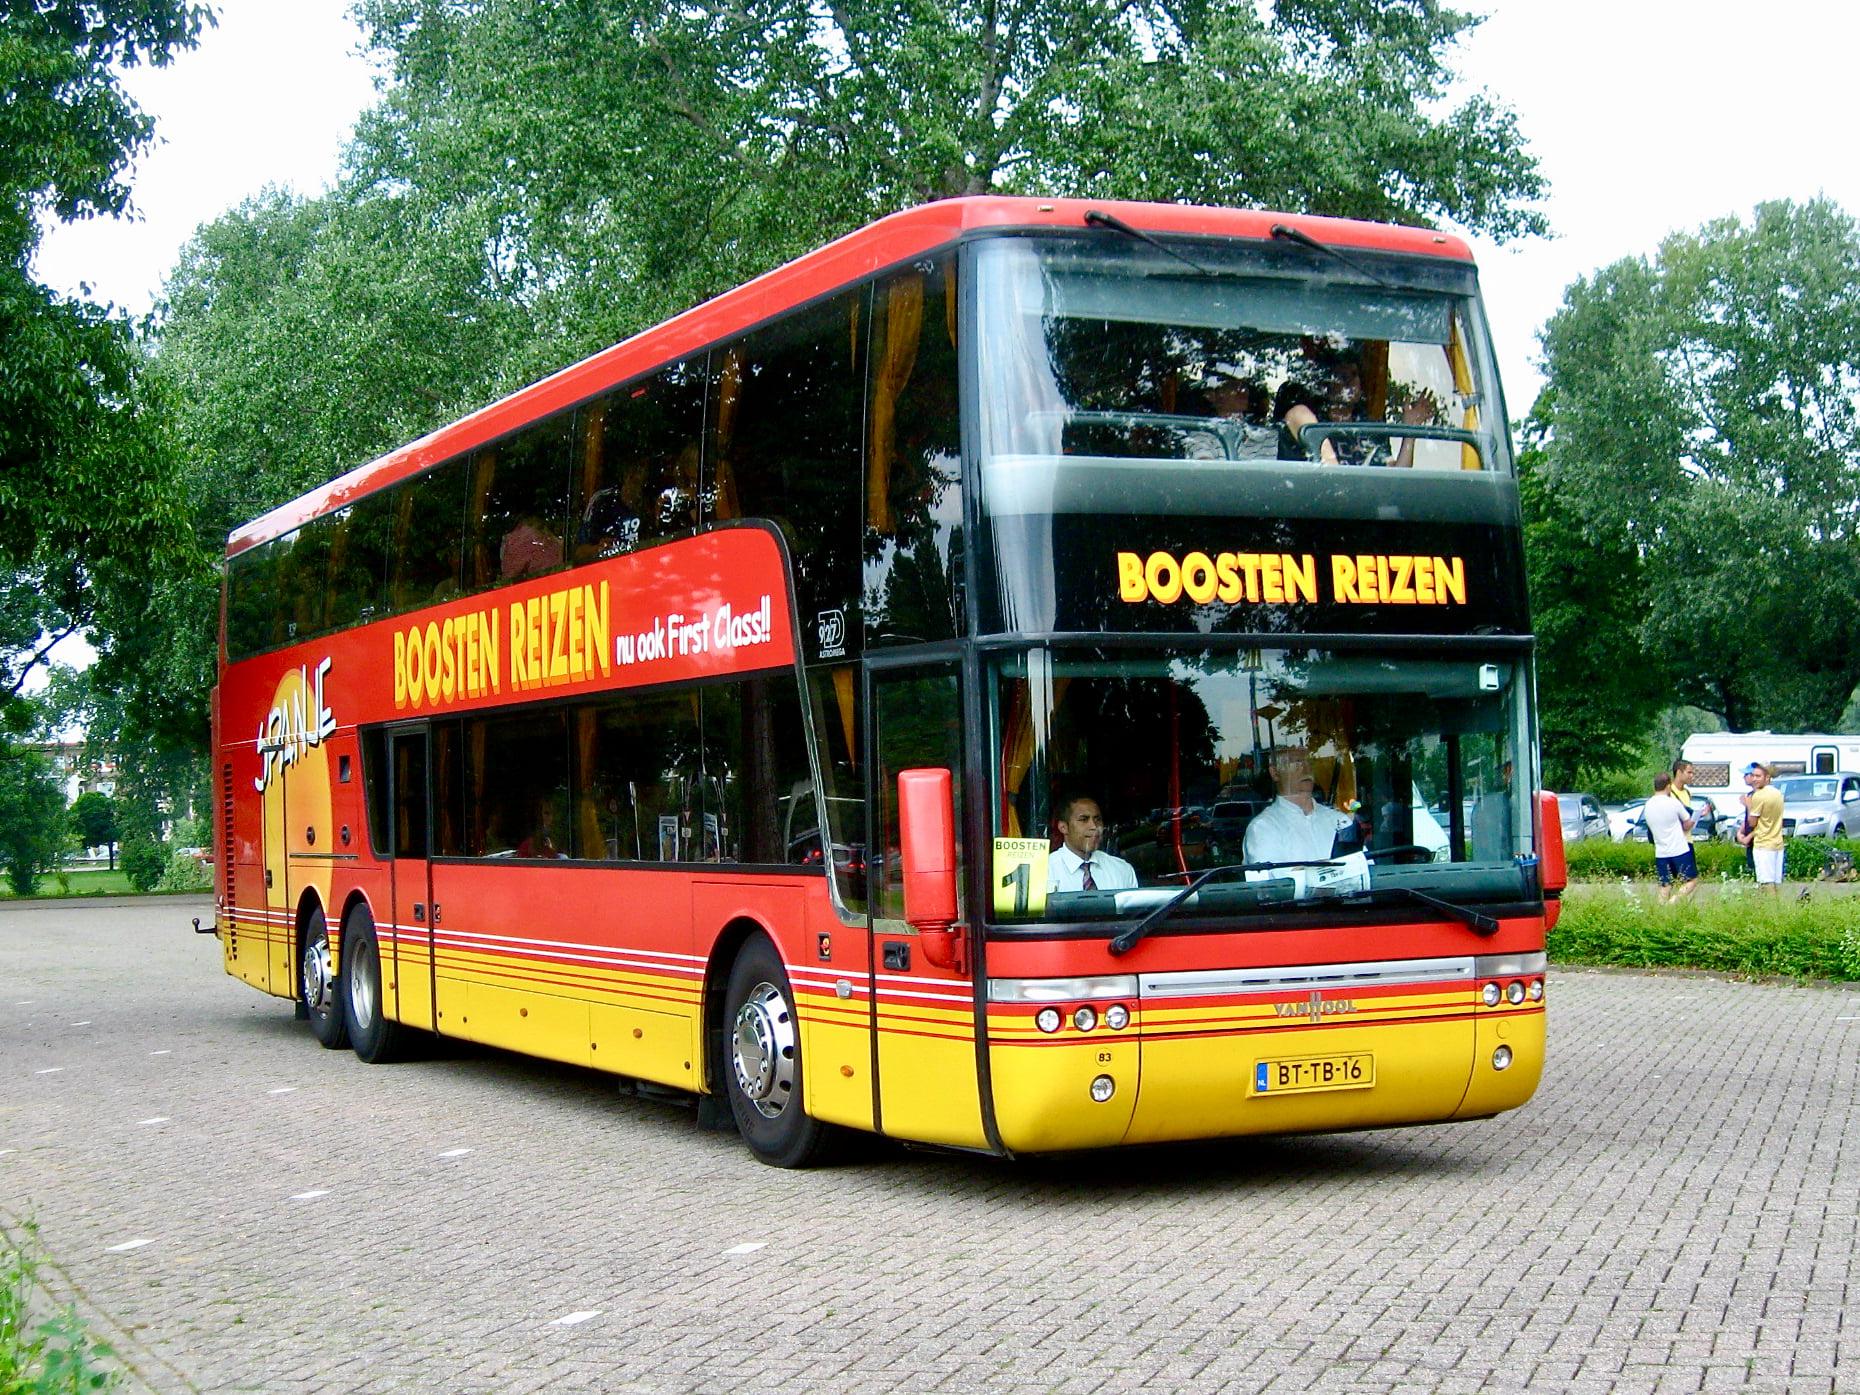 NR-83--Vanhool-in-Maastricht-3-7-2009